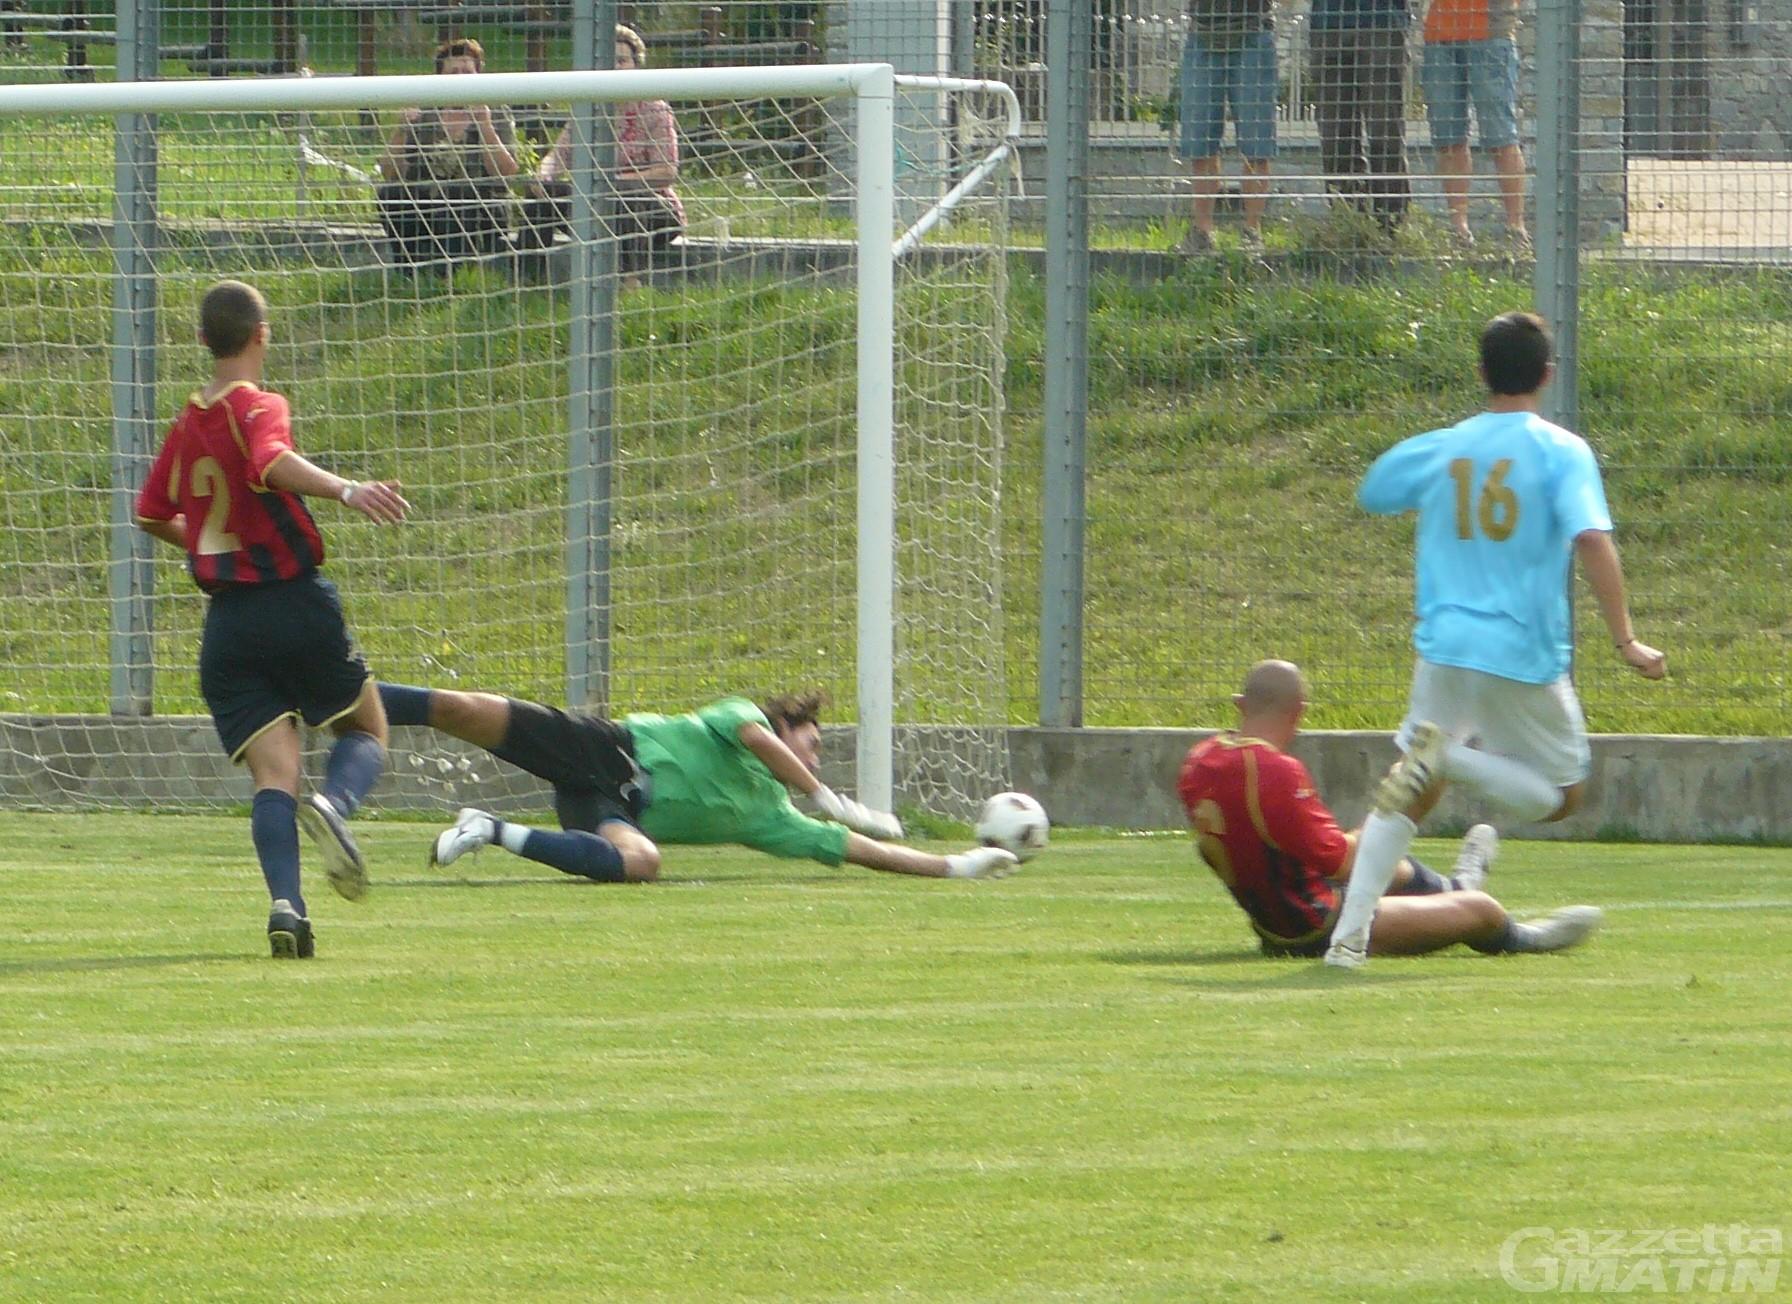 Calcio Juniores: pari dell'Aygre, lo Charva ancora ko